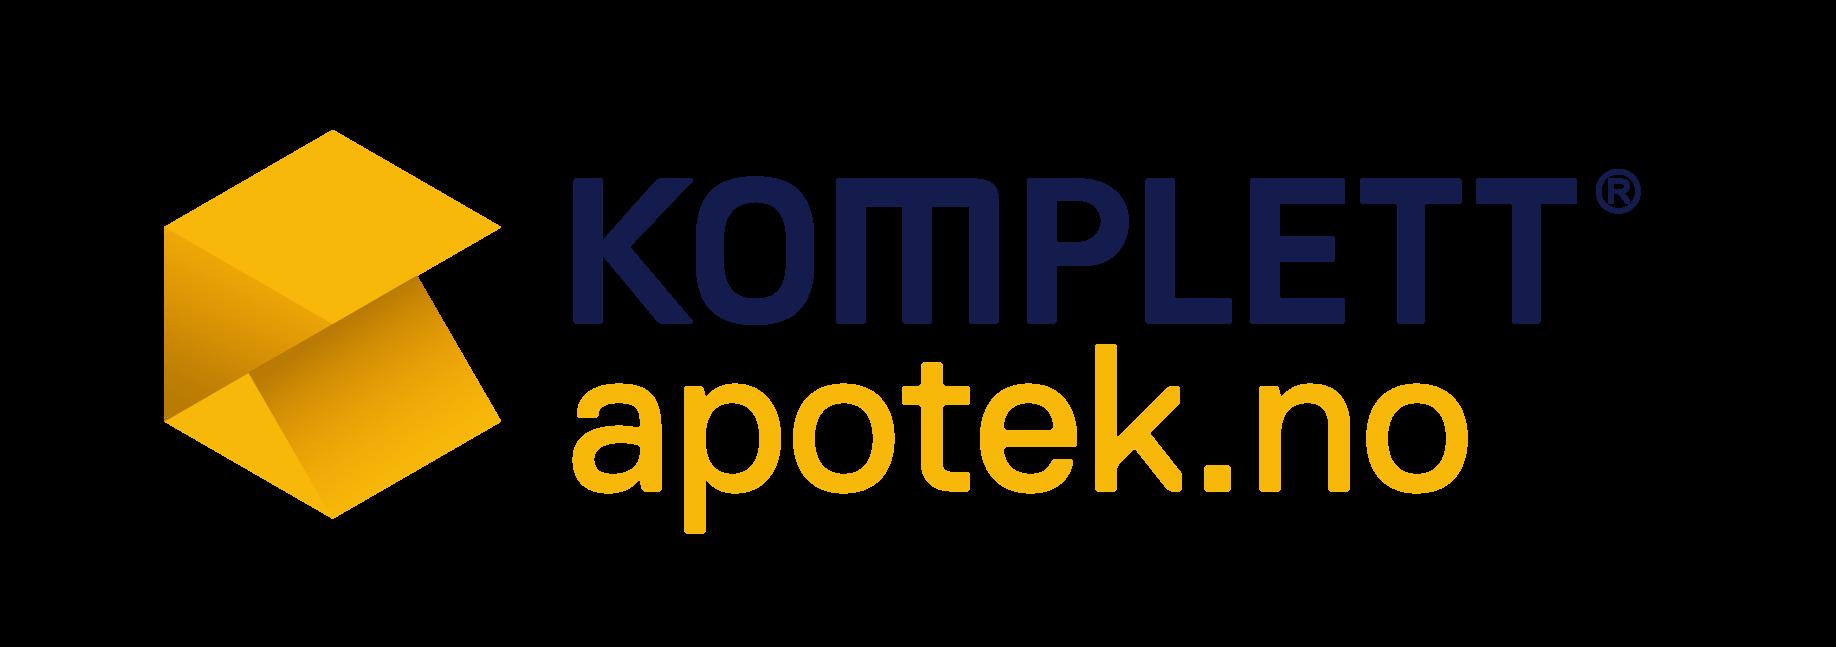 Logo for Komplett Apotek.no